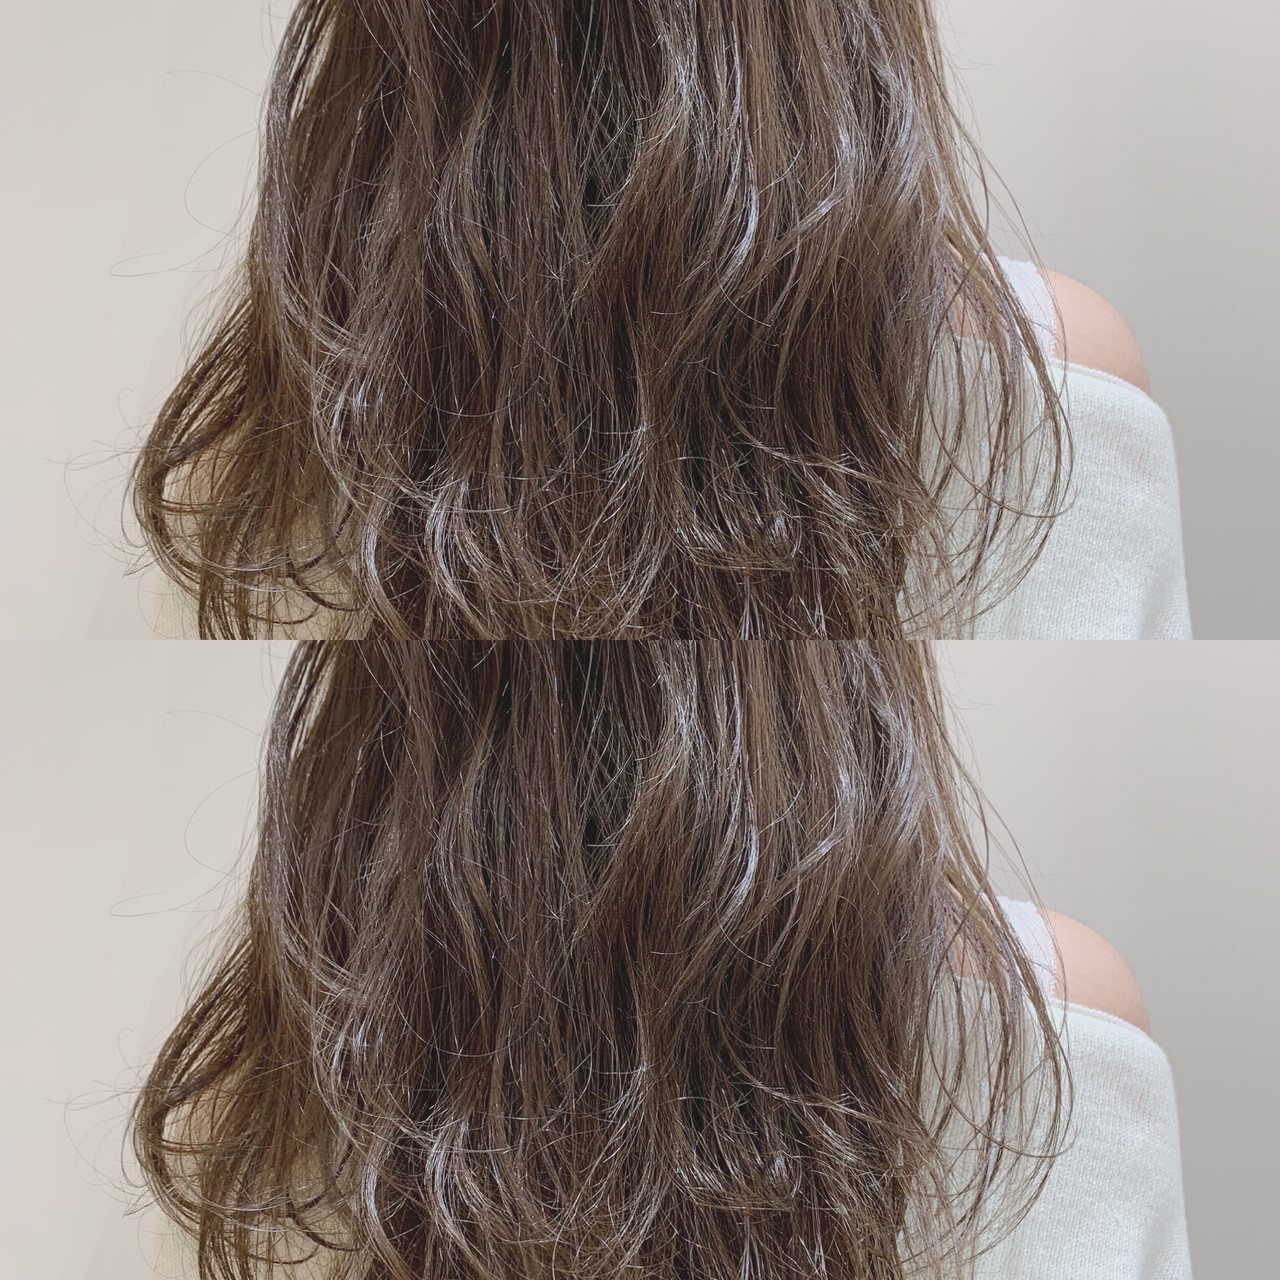 大人かわいい ゆるふわ ミディアム 鎖骨ミディアム ヘアスタイルや髪型の写真・画像 | miu 【Agnos青山】 / Agnos 青山